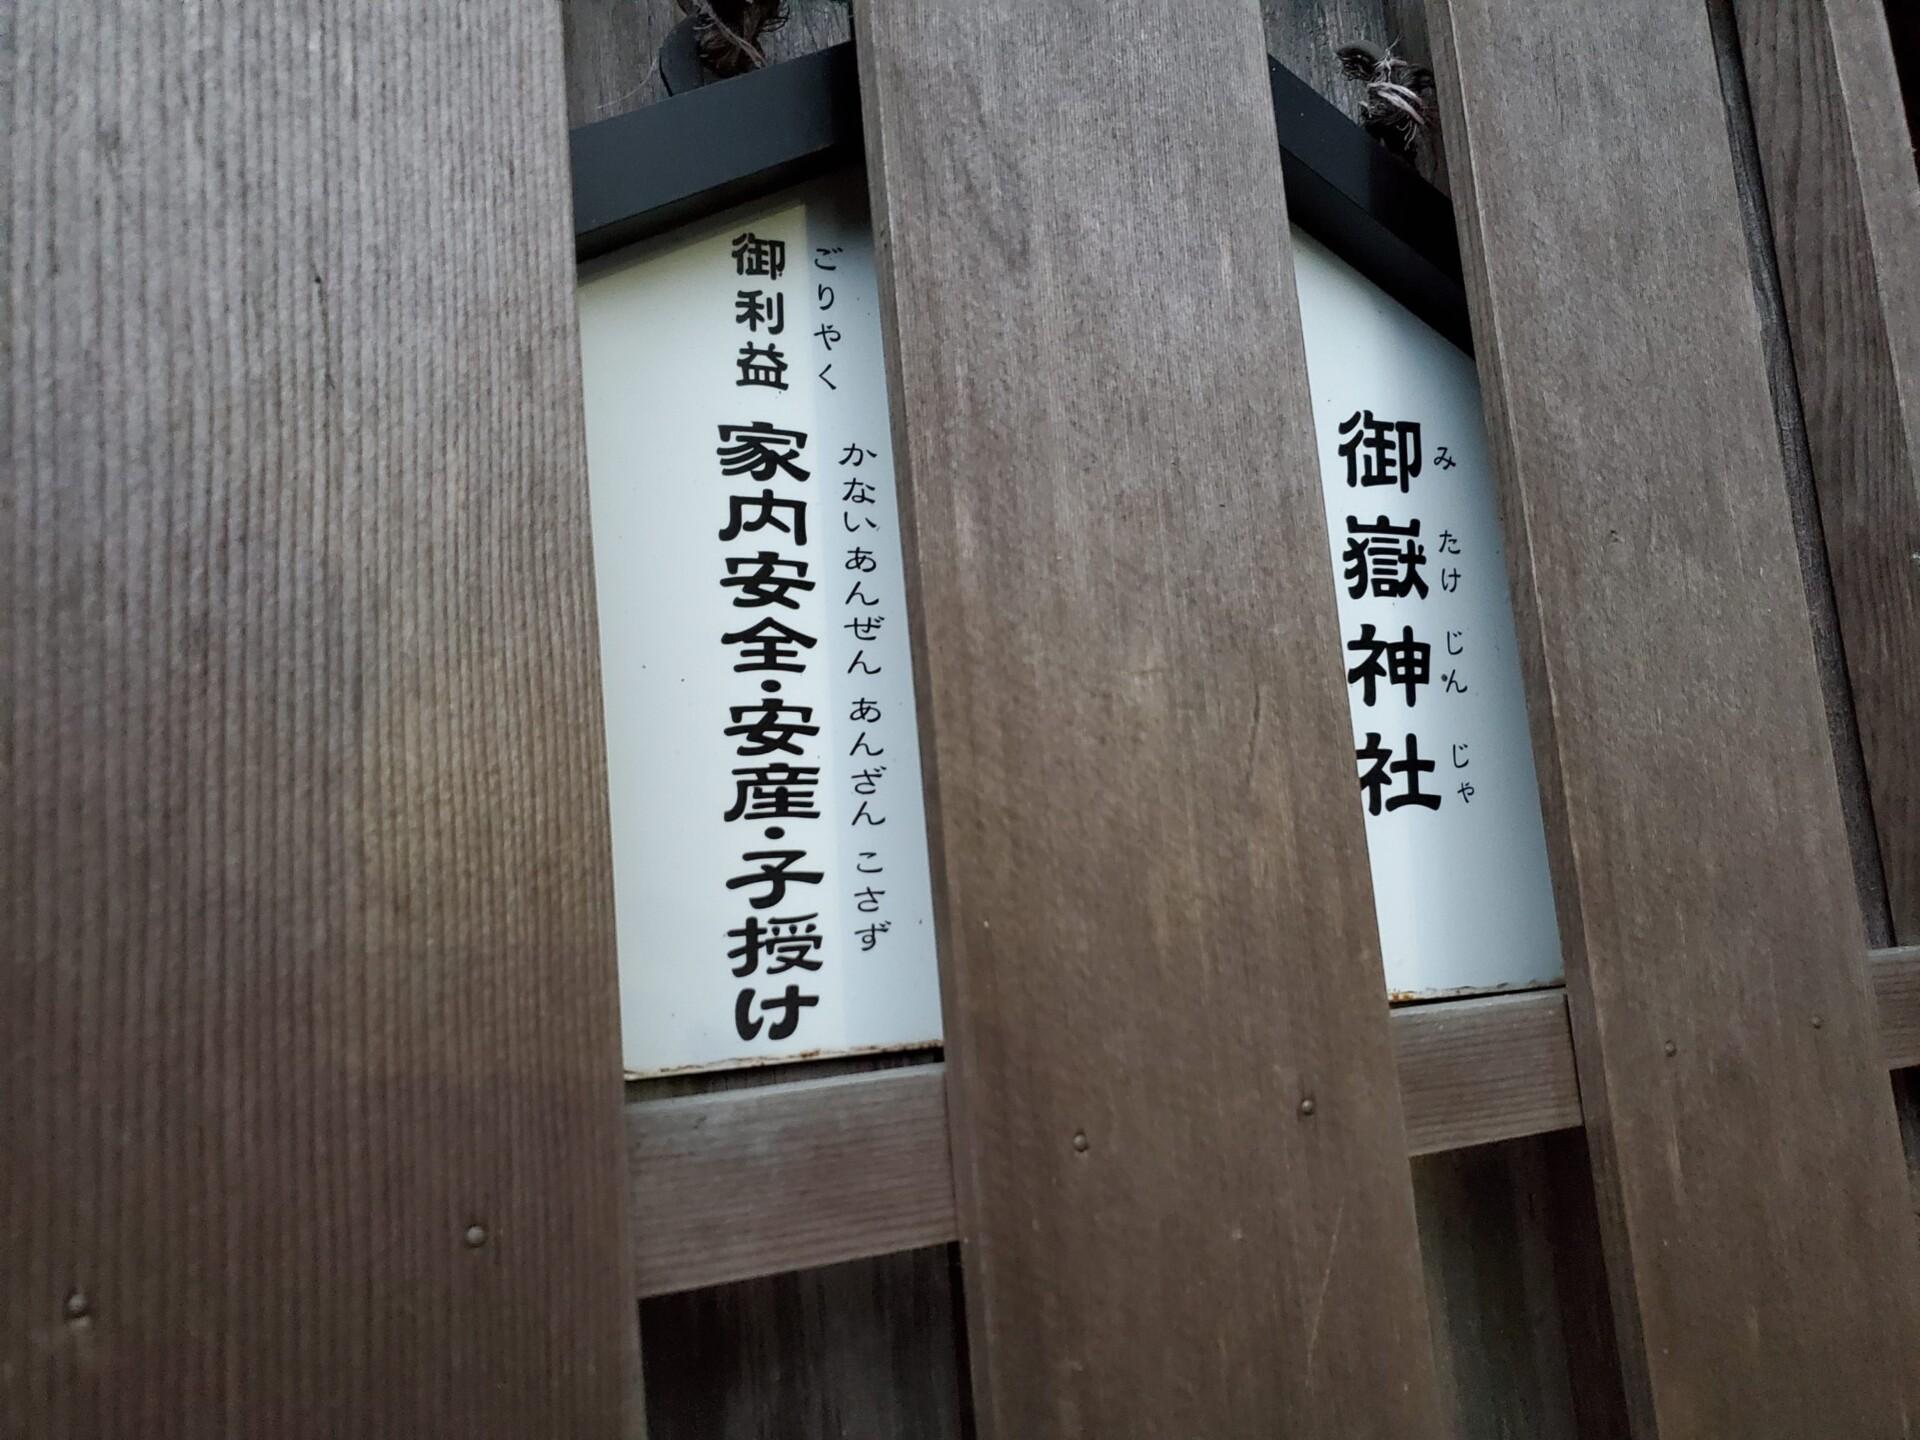 鷲宮神社 末社 御嶽神社